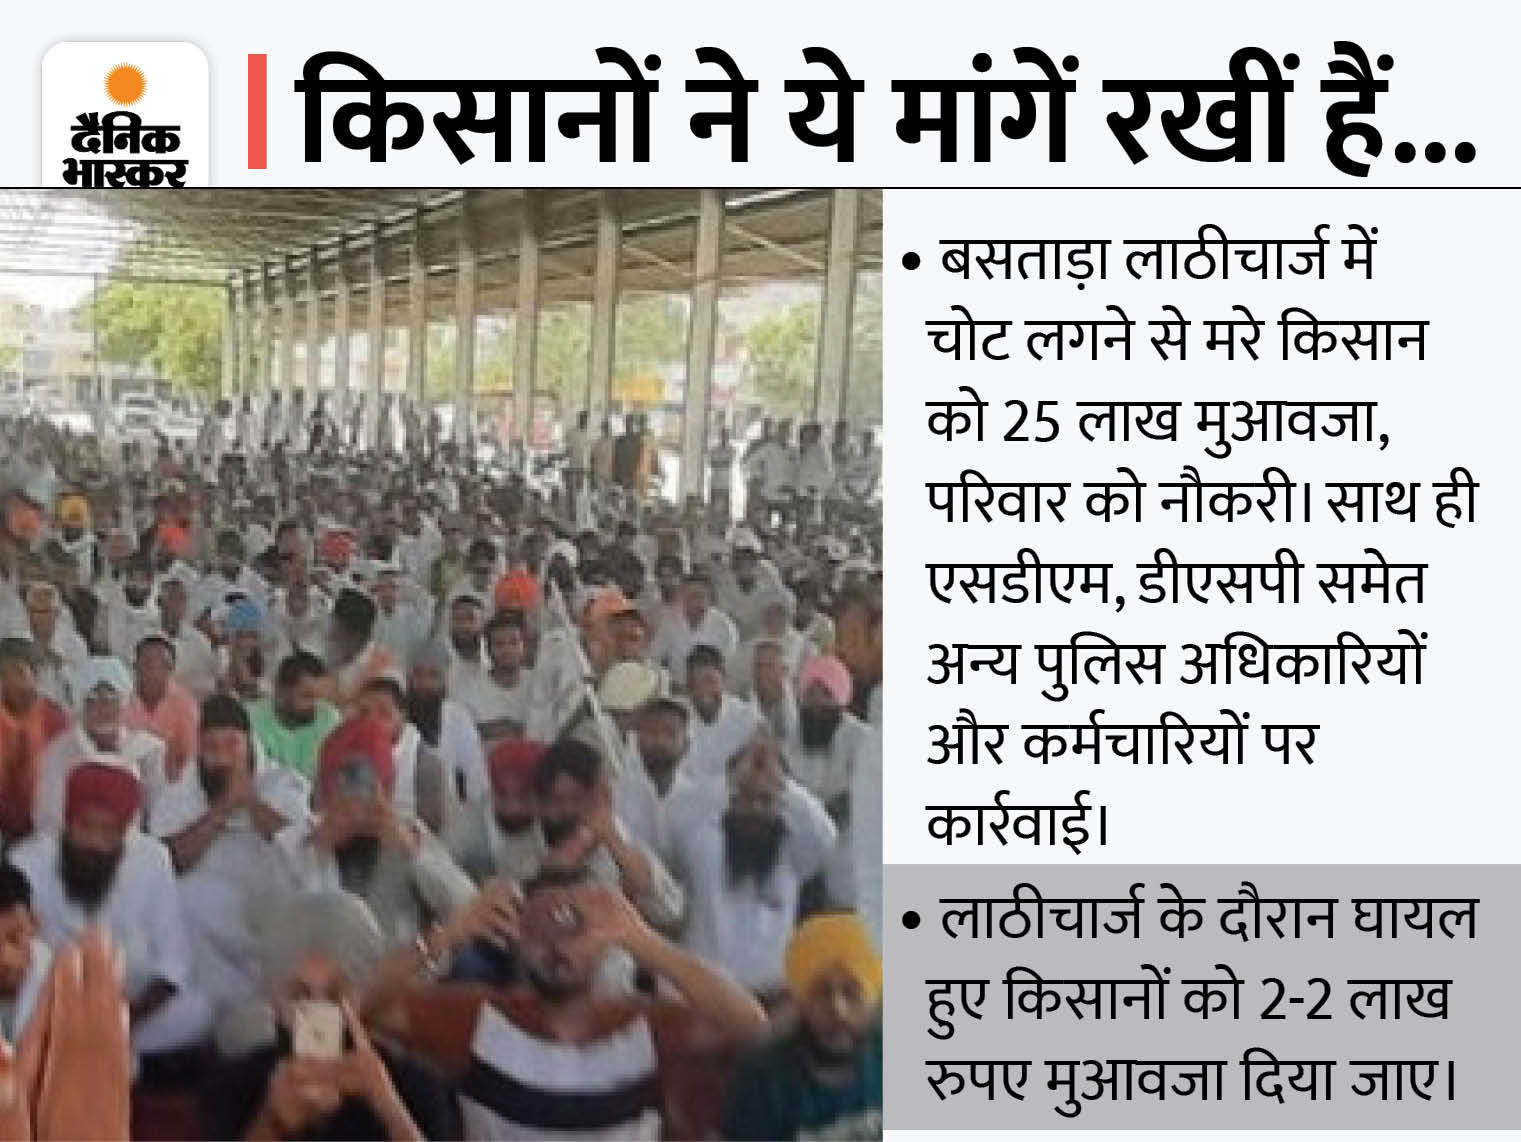 प्रशासन और भाकियू की मीटिंग असफल; अनाज मंडी में महापंचायत कर किसान घेरेंगे सचिवालय, दिल्ली-चंडीगढ़ हाईवे पर करनाल में दोनों ओर से रहेगी 'नो एंट्री'|करनाल,Karnal - Dainik Bhaskar